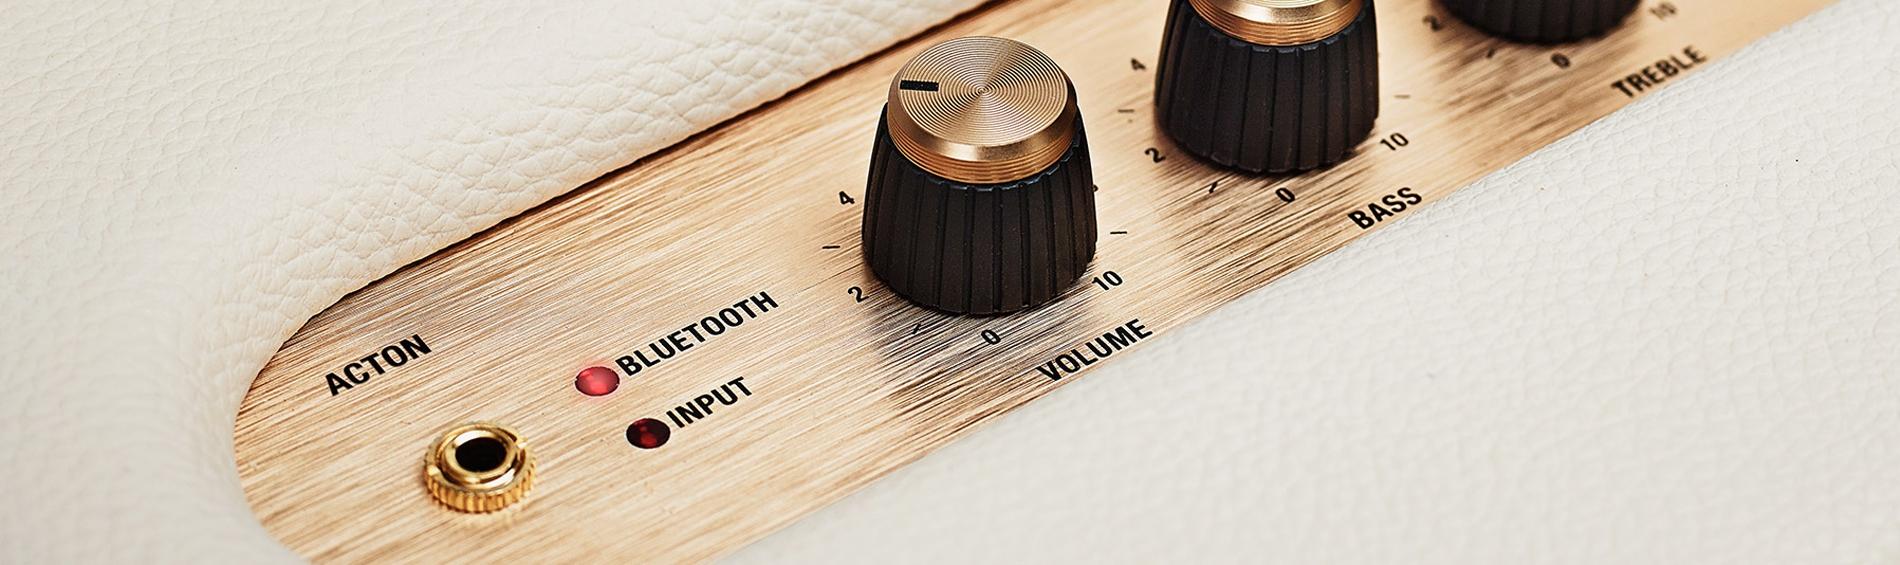 j ai test pour vous l enceinte bluetooth marshall acton megacitiz blog. Black Bedroom Furniture Sets. Home Design Ideas